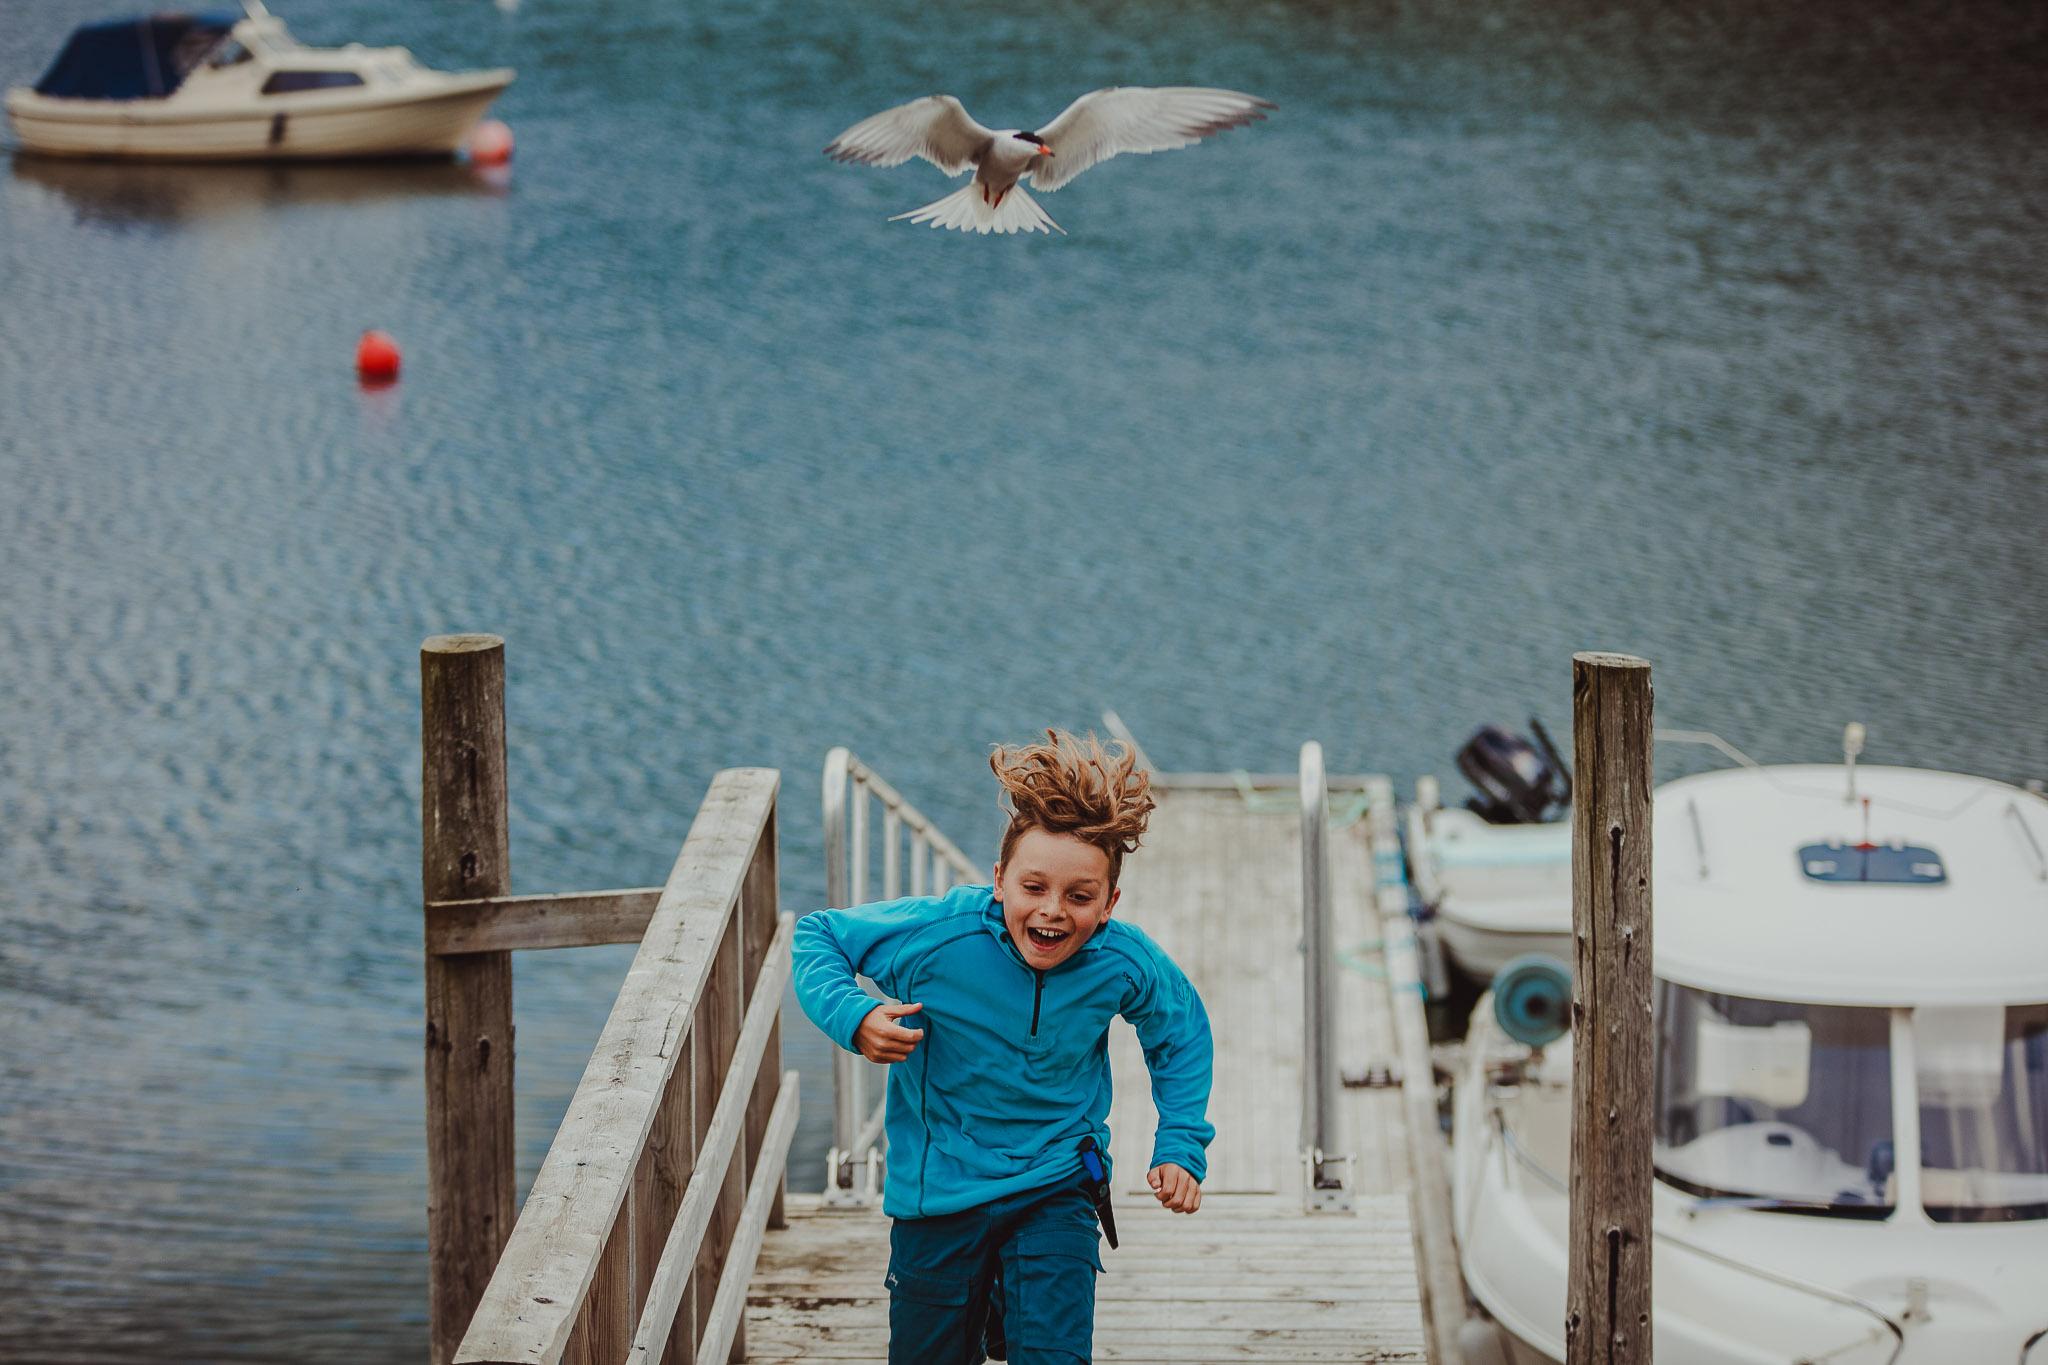 Gutt løper opp en flytebrygge mens han blir jaget av en fugl